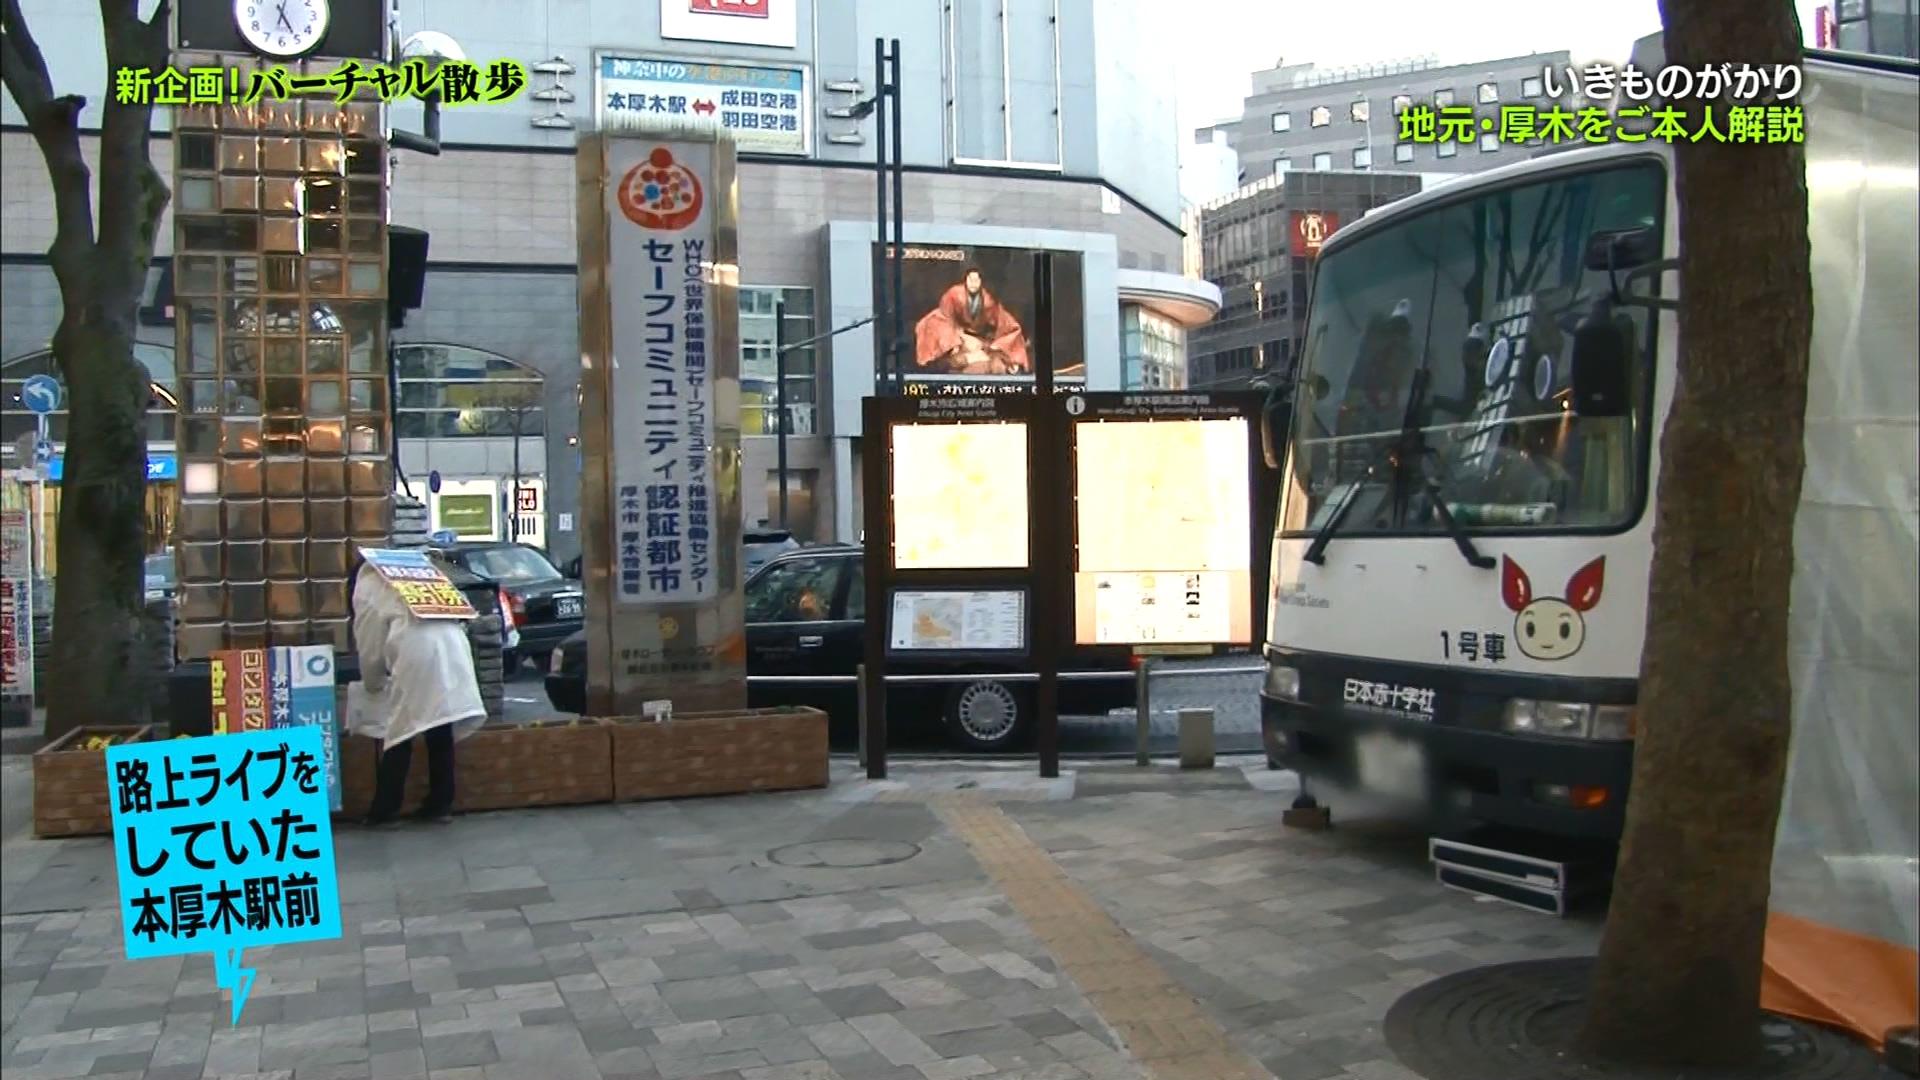 2016.03.11 全場(バズリズム).ts_20160312_024845.083